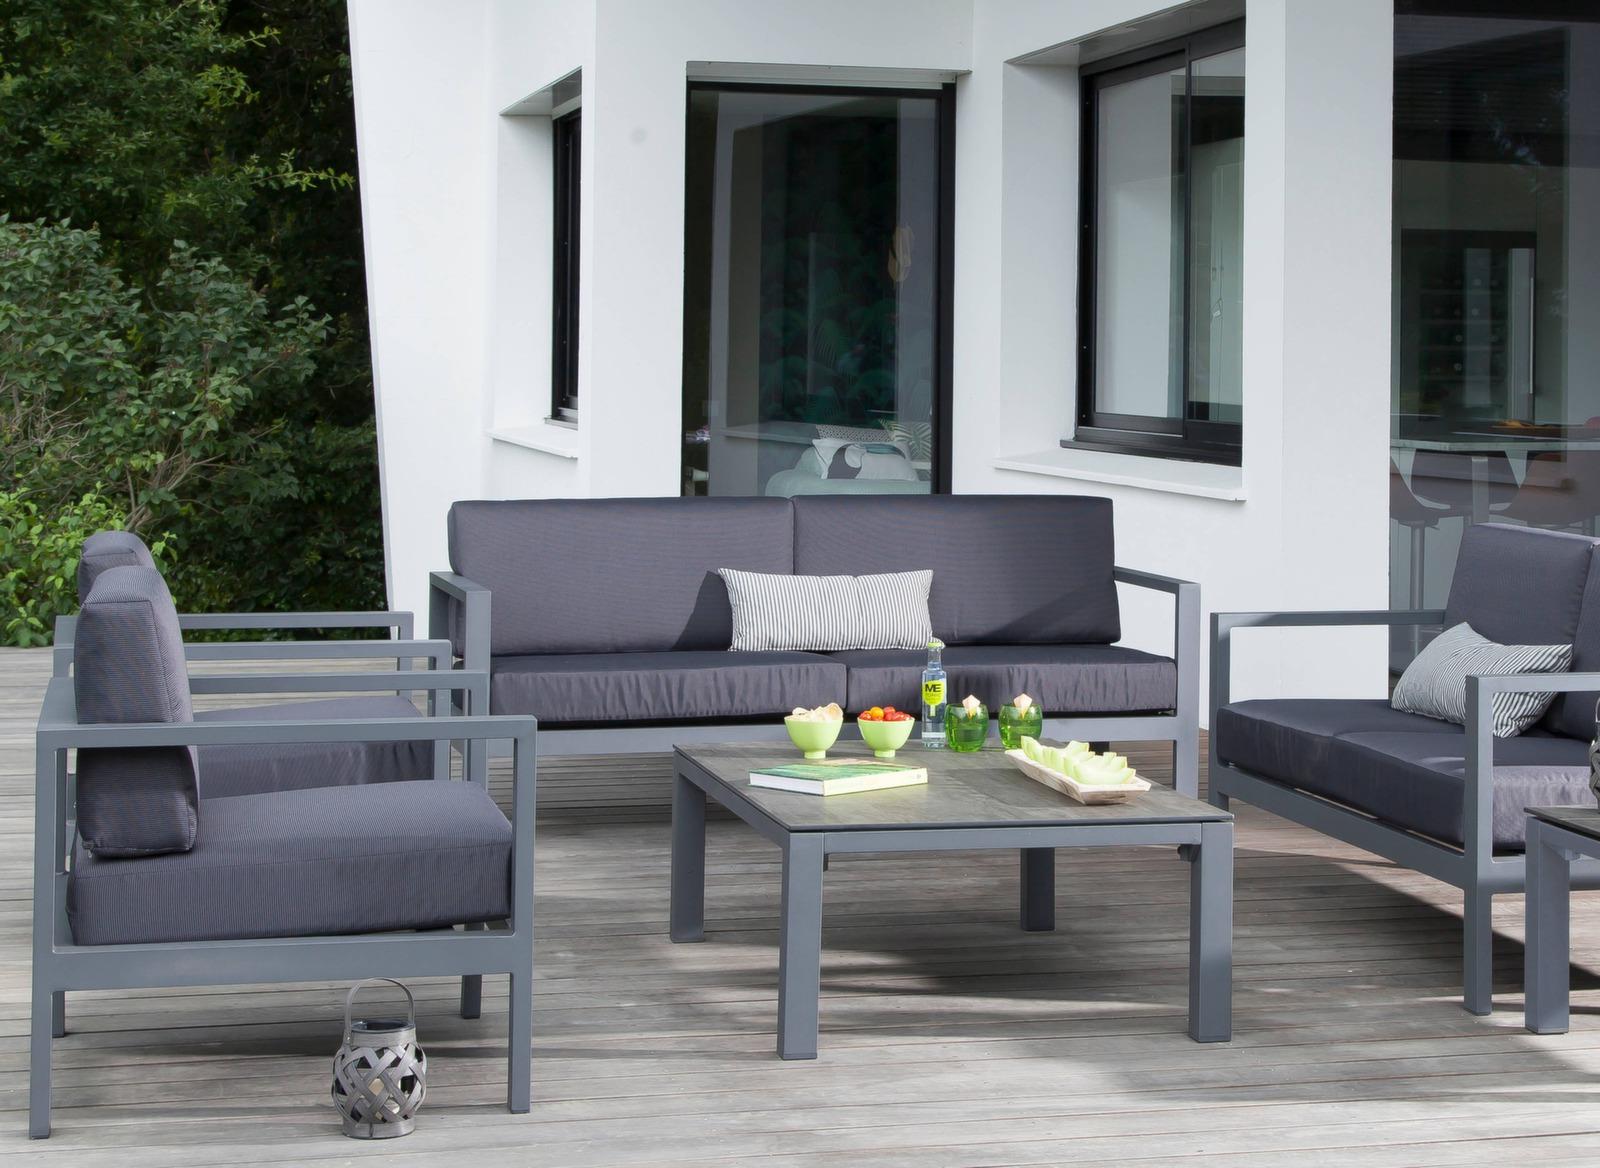 fauteuil d tente castille fauteuils de jardin mobilier pour salon de jardin repas. Black Bedroom Furniture Sets. Home Design Ideas